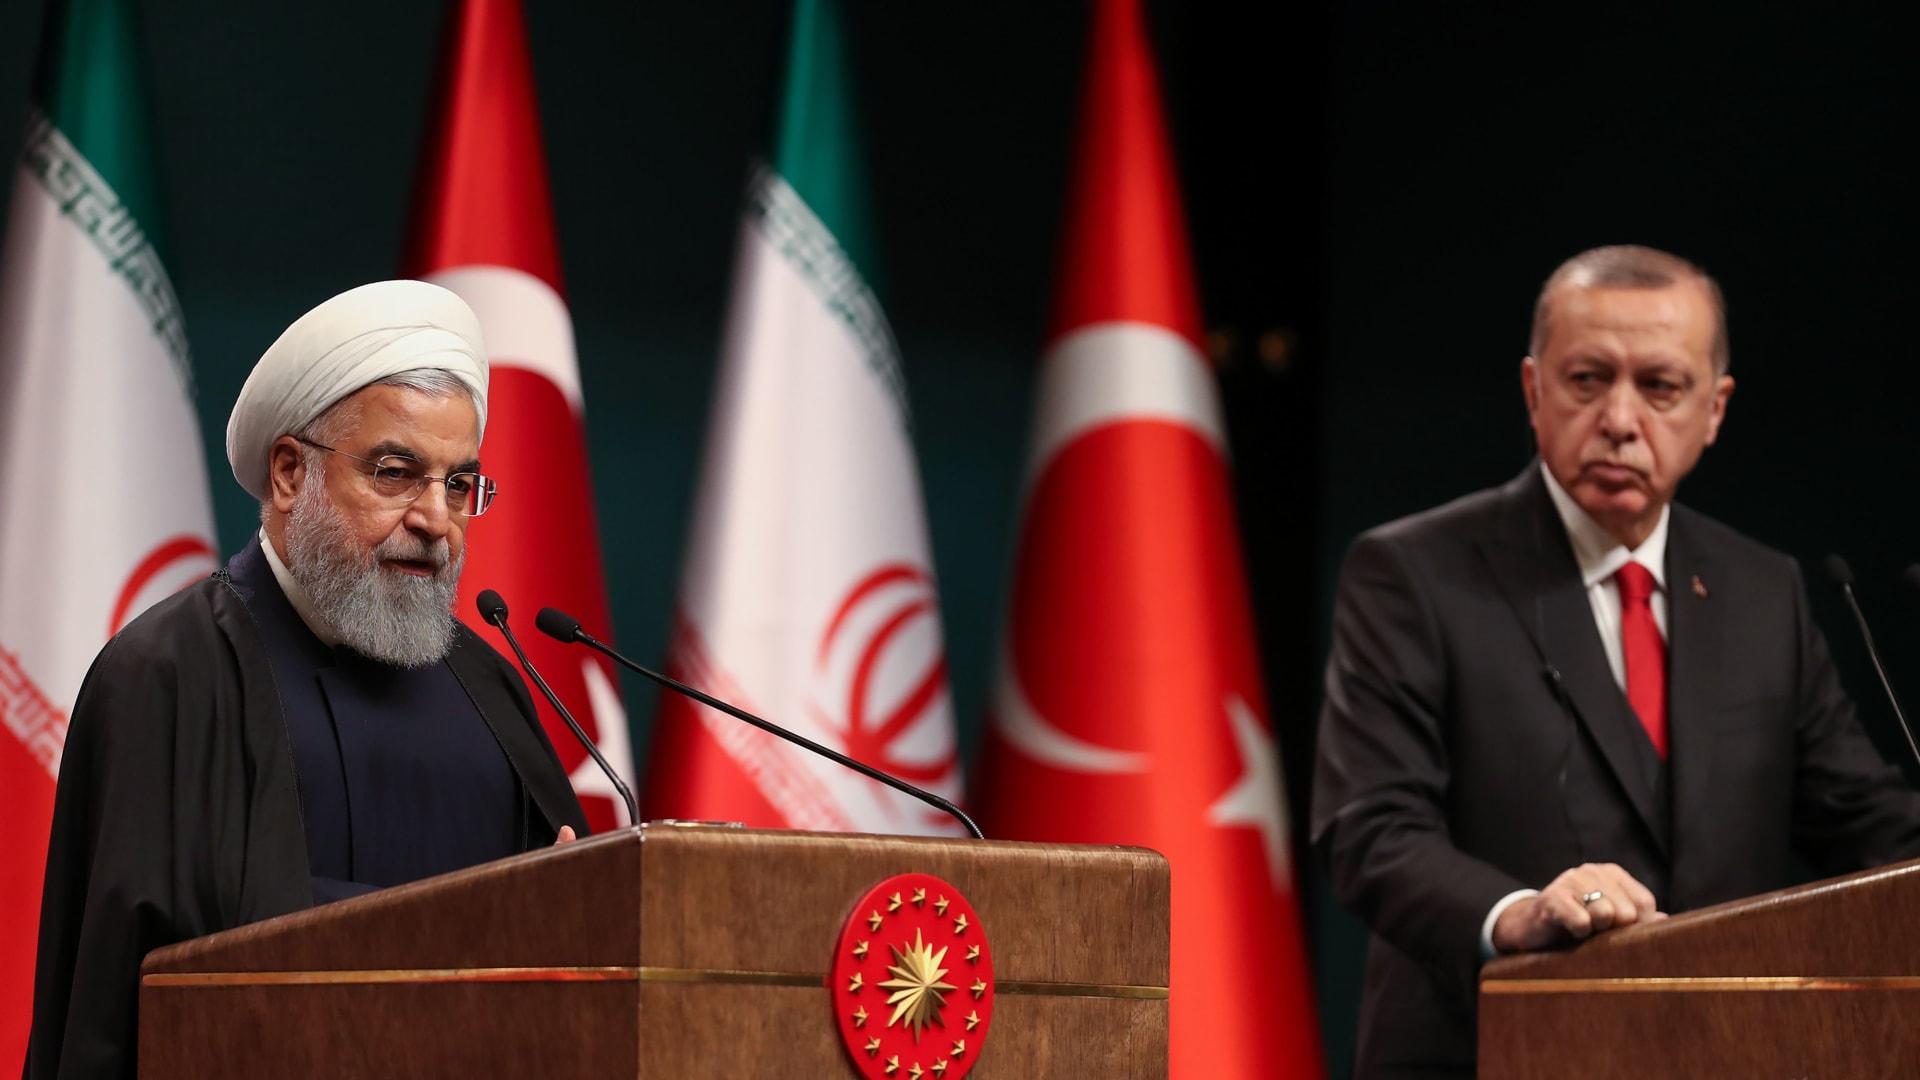 سفير إيران في بغداد: على تركيا الخروج من العراق.. وسفير تركيا: أنت آخر من يعطينا درسًا